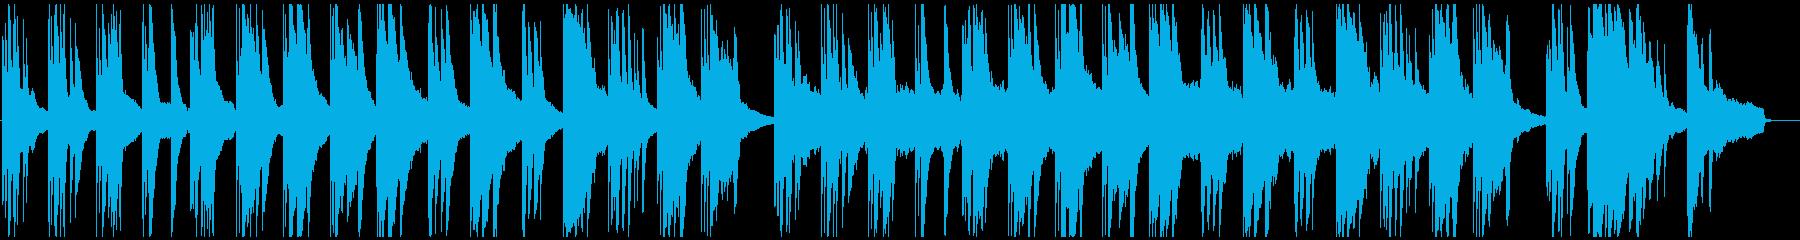 ピアノ 悲しい 懐古 後悔 切ない ソロの再生済みの波形